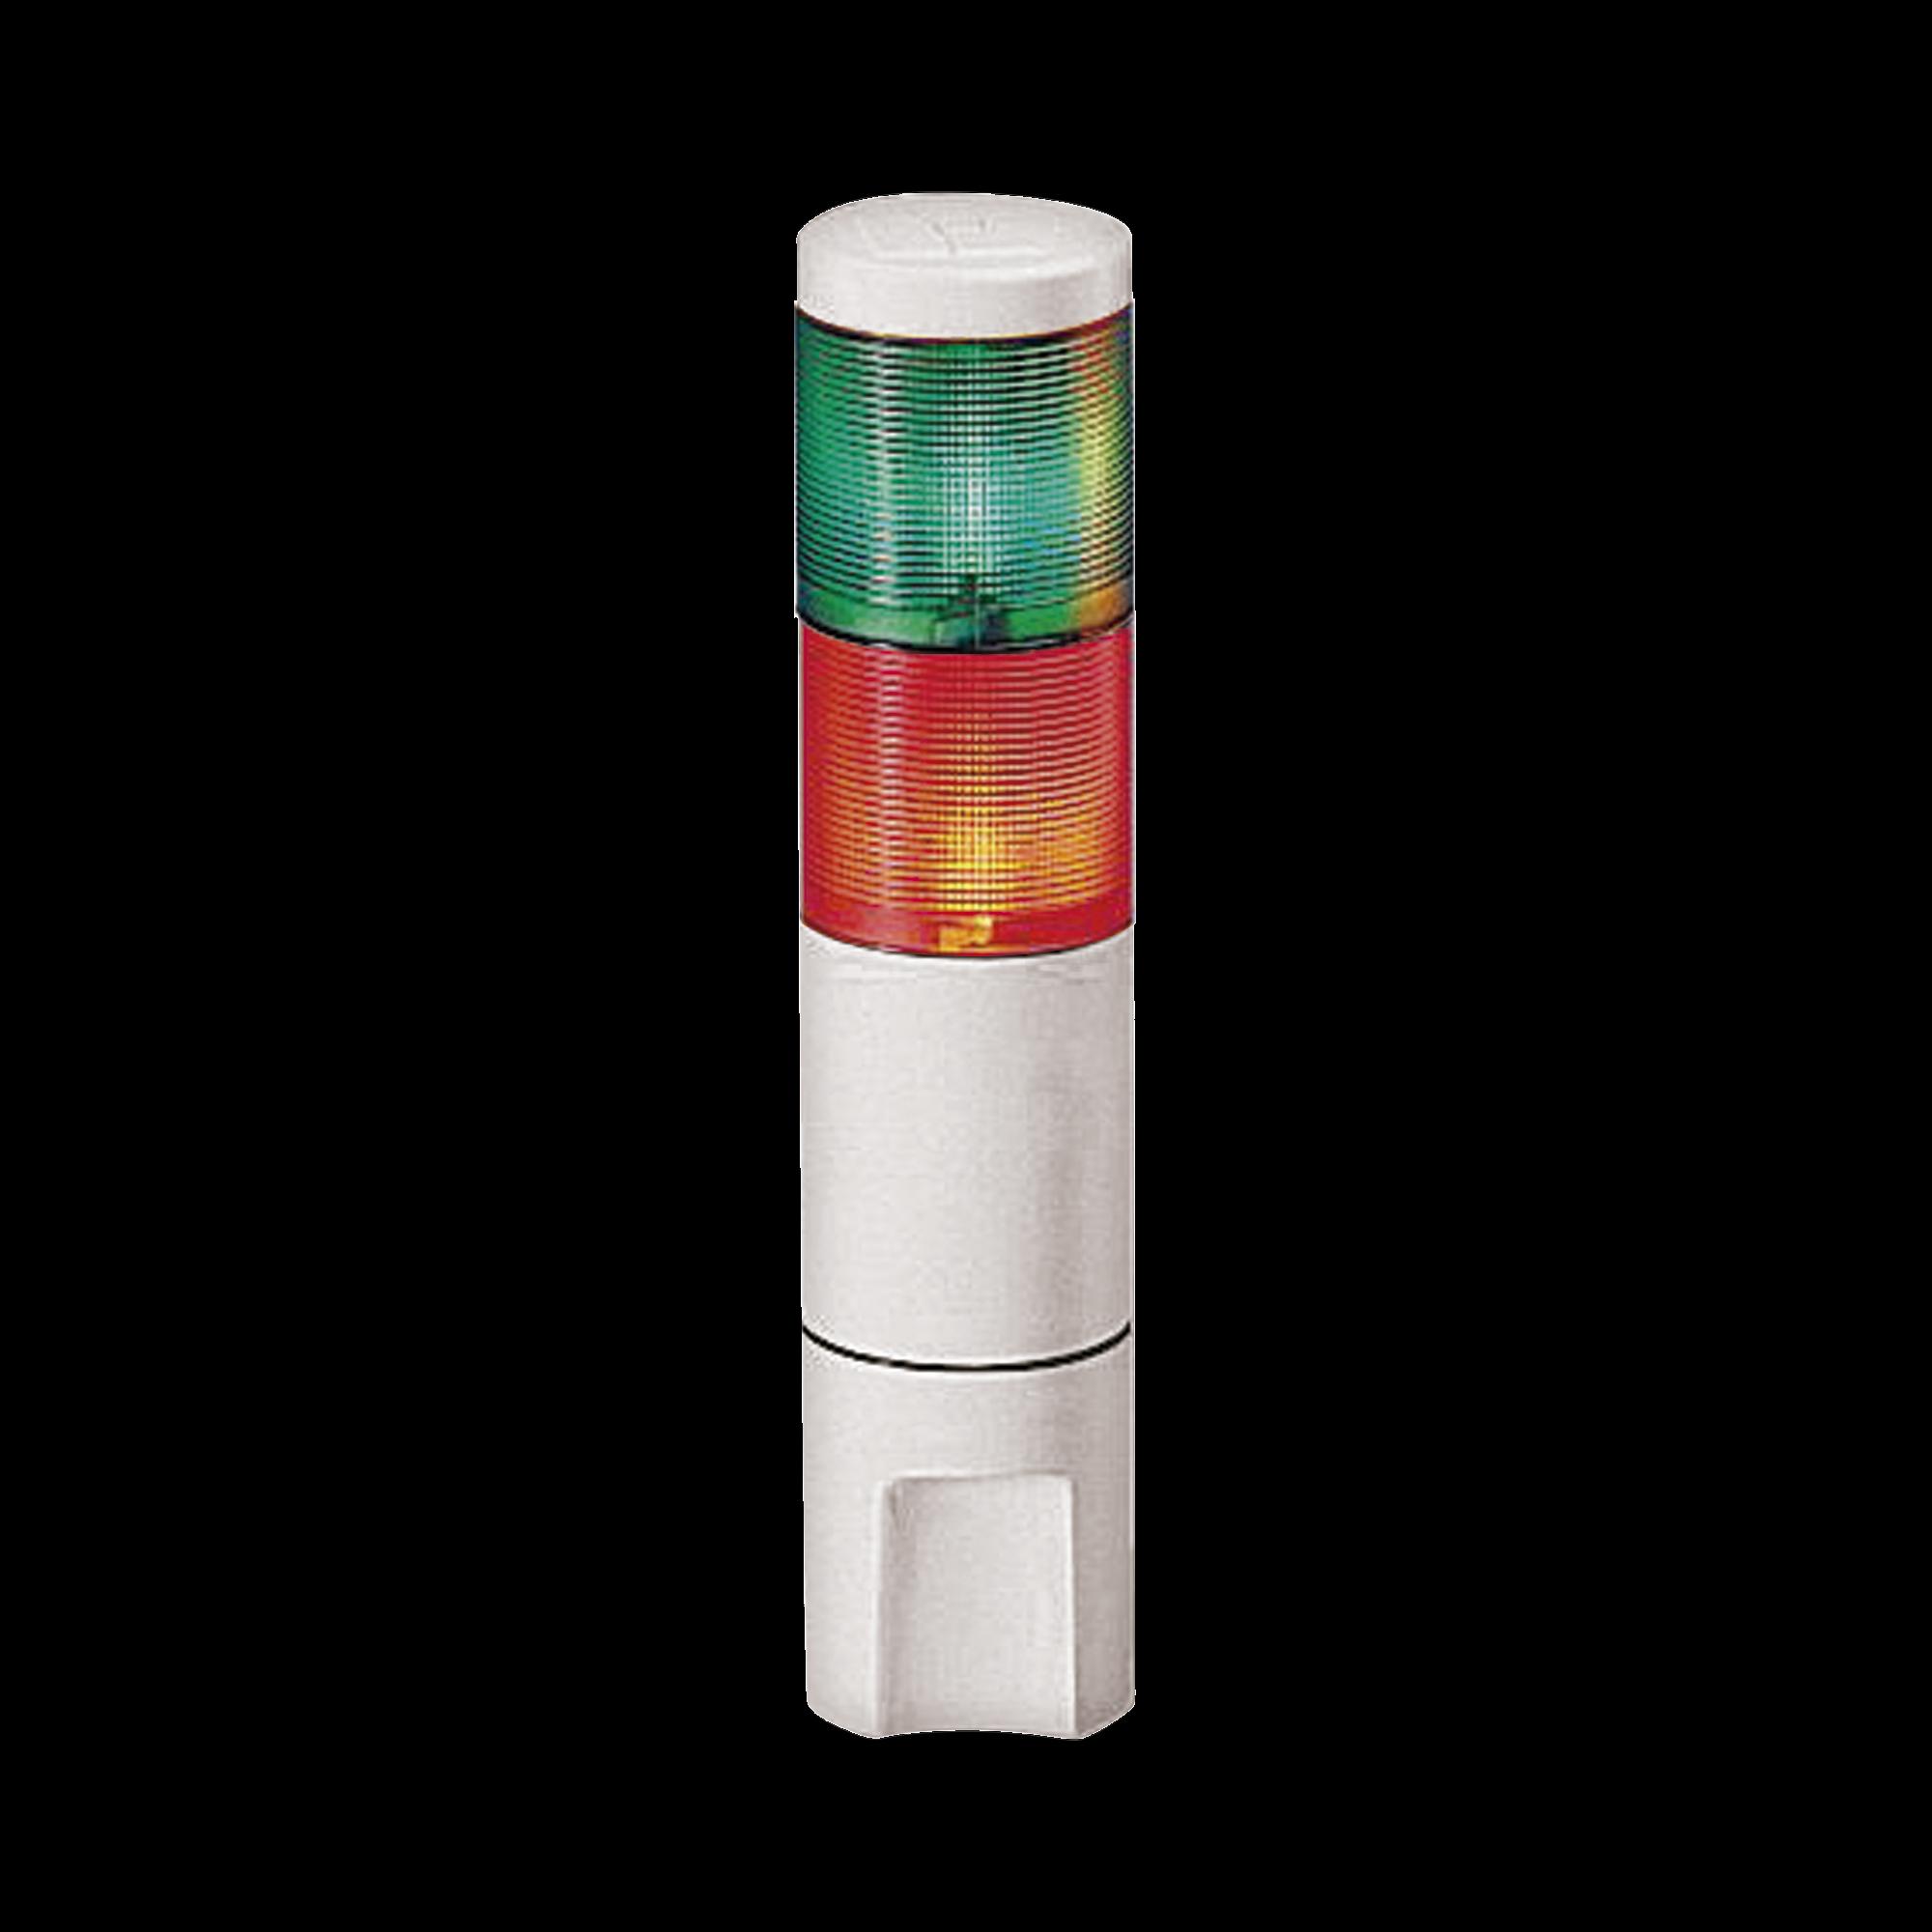 Indicador de estado LED MicroStat, 2 niveles, UL y cUL, 120Vca, verde, rojo